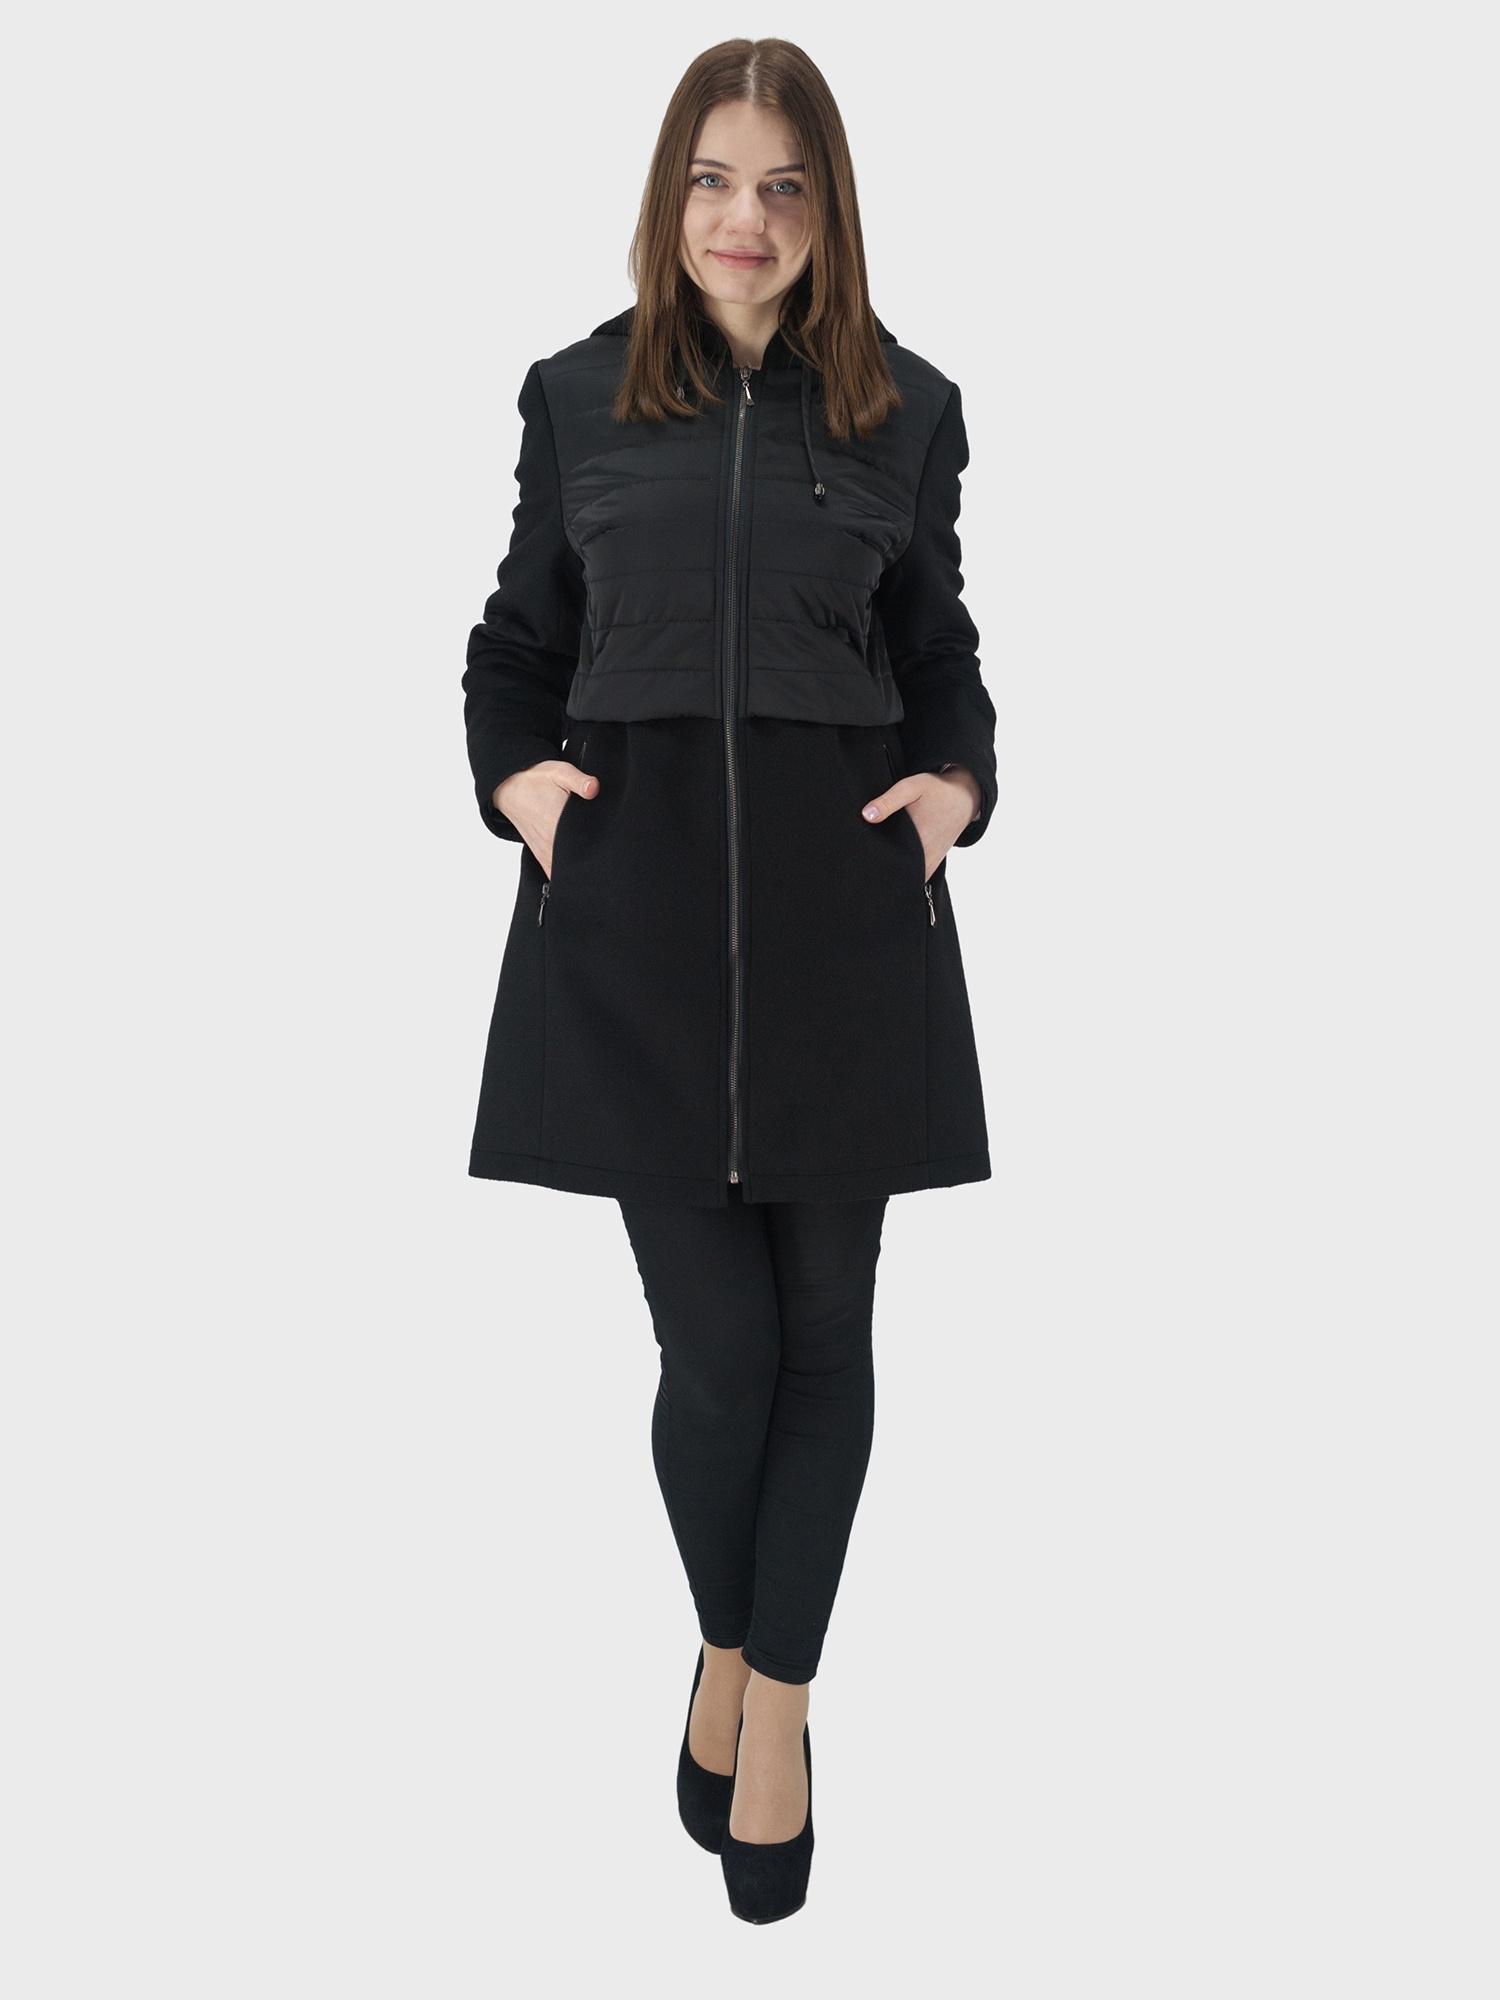 Пальто KIS длинное пальто из шерстяного драпа